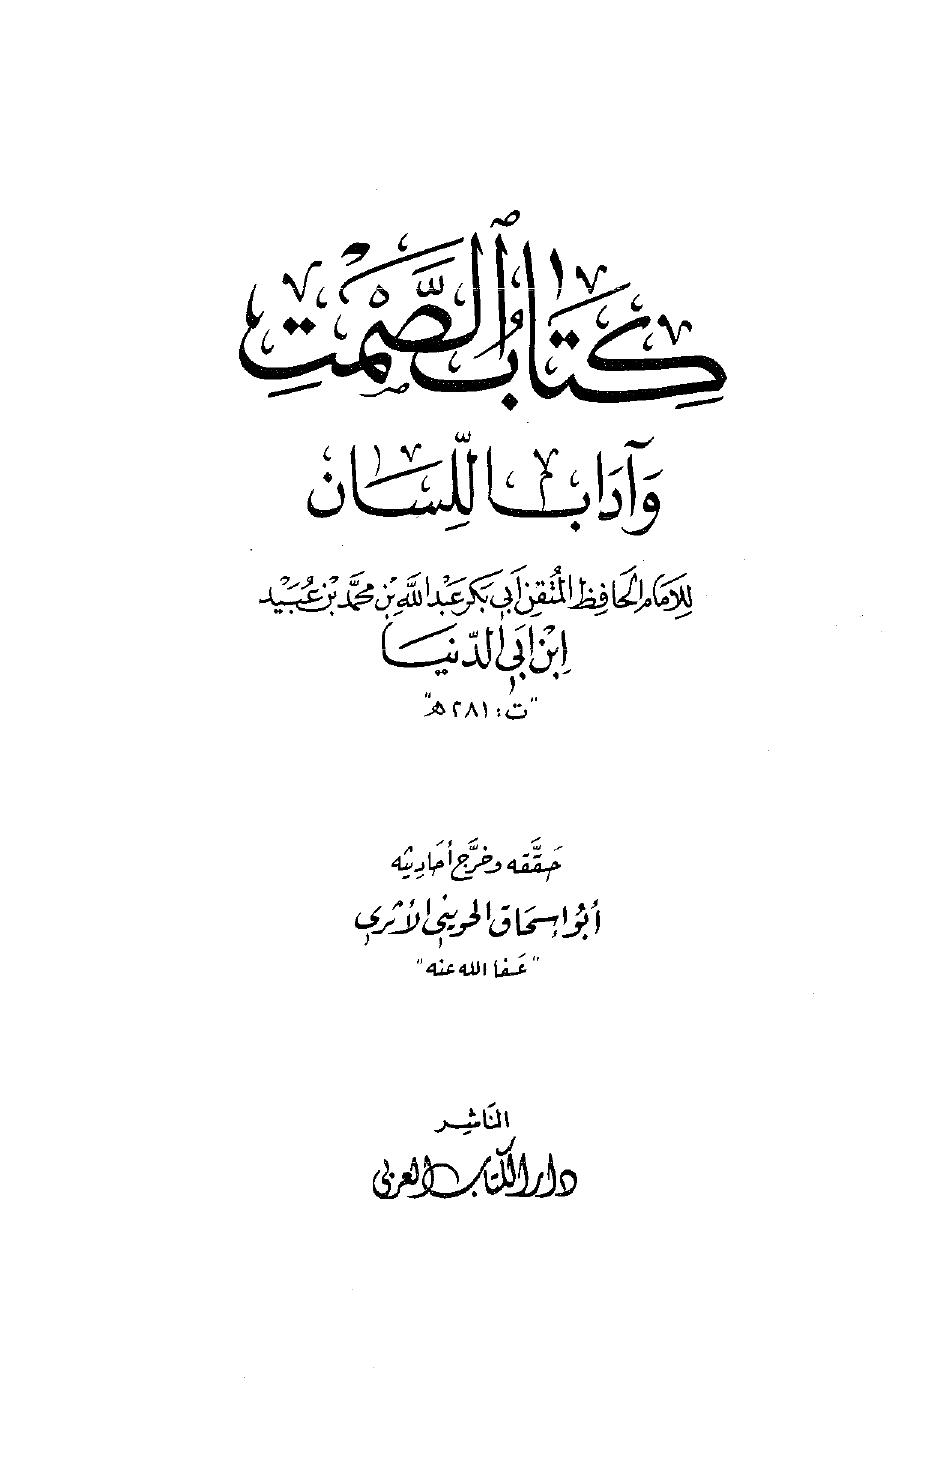 تحميل كتاب الصمت واداب اللسان pdf